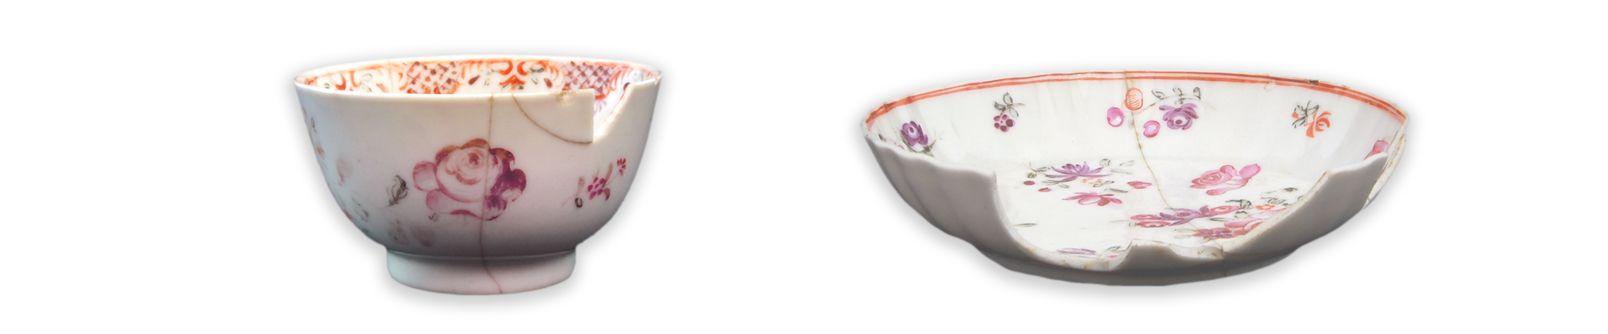 Bol à thé et soucoupeMCC/LRAQ, photos: Catherine CaronLatrines de la maison Boisseau. Vers 1761-1810Porcelaine fine dure, Chine. Décor floral peint en émail polychrome.